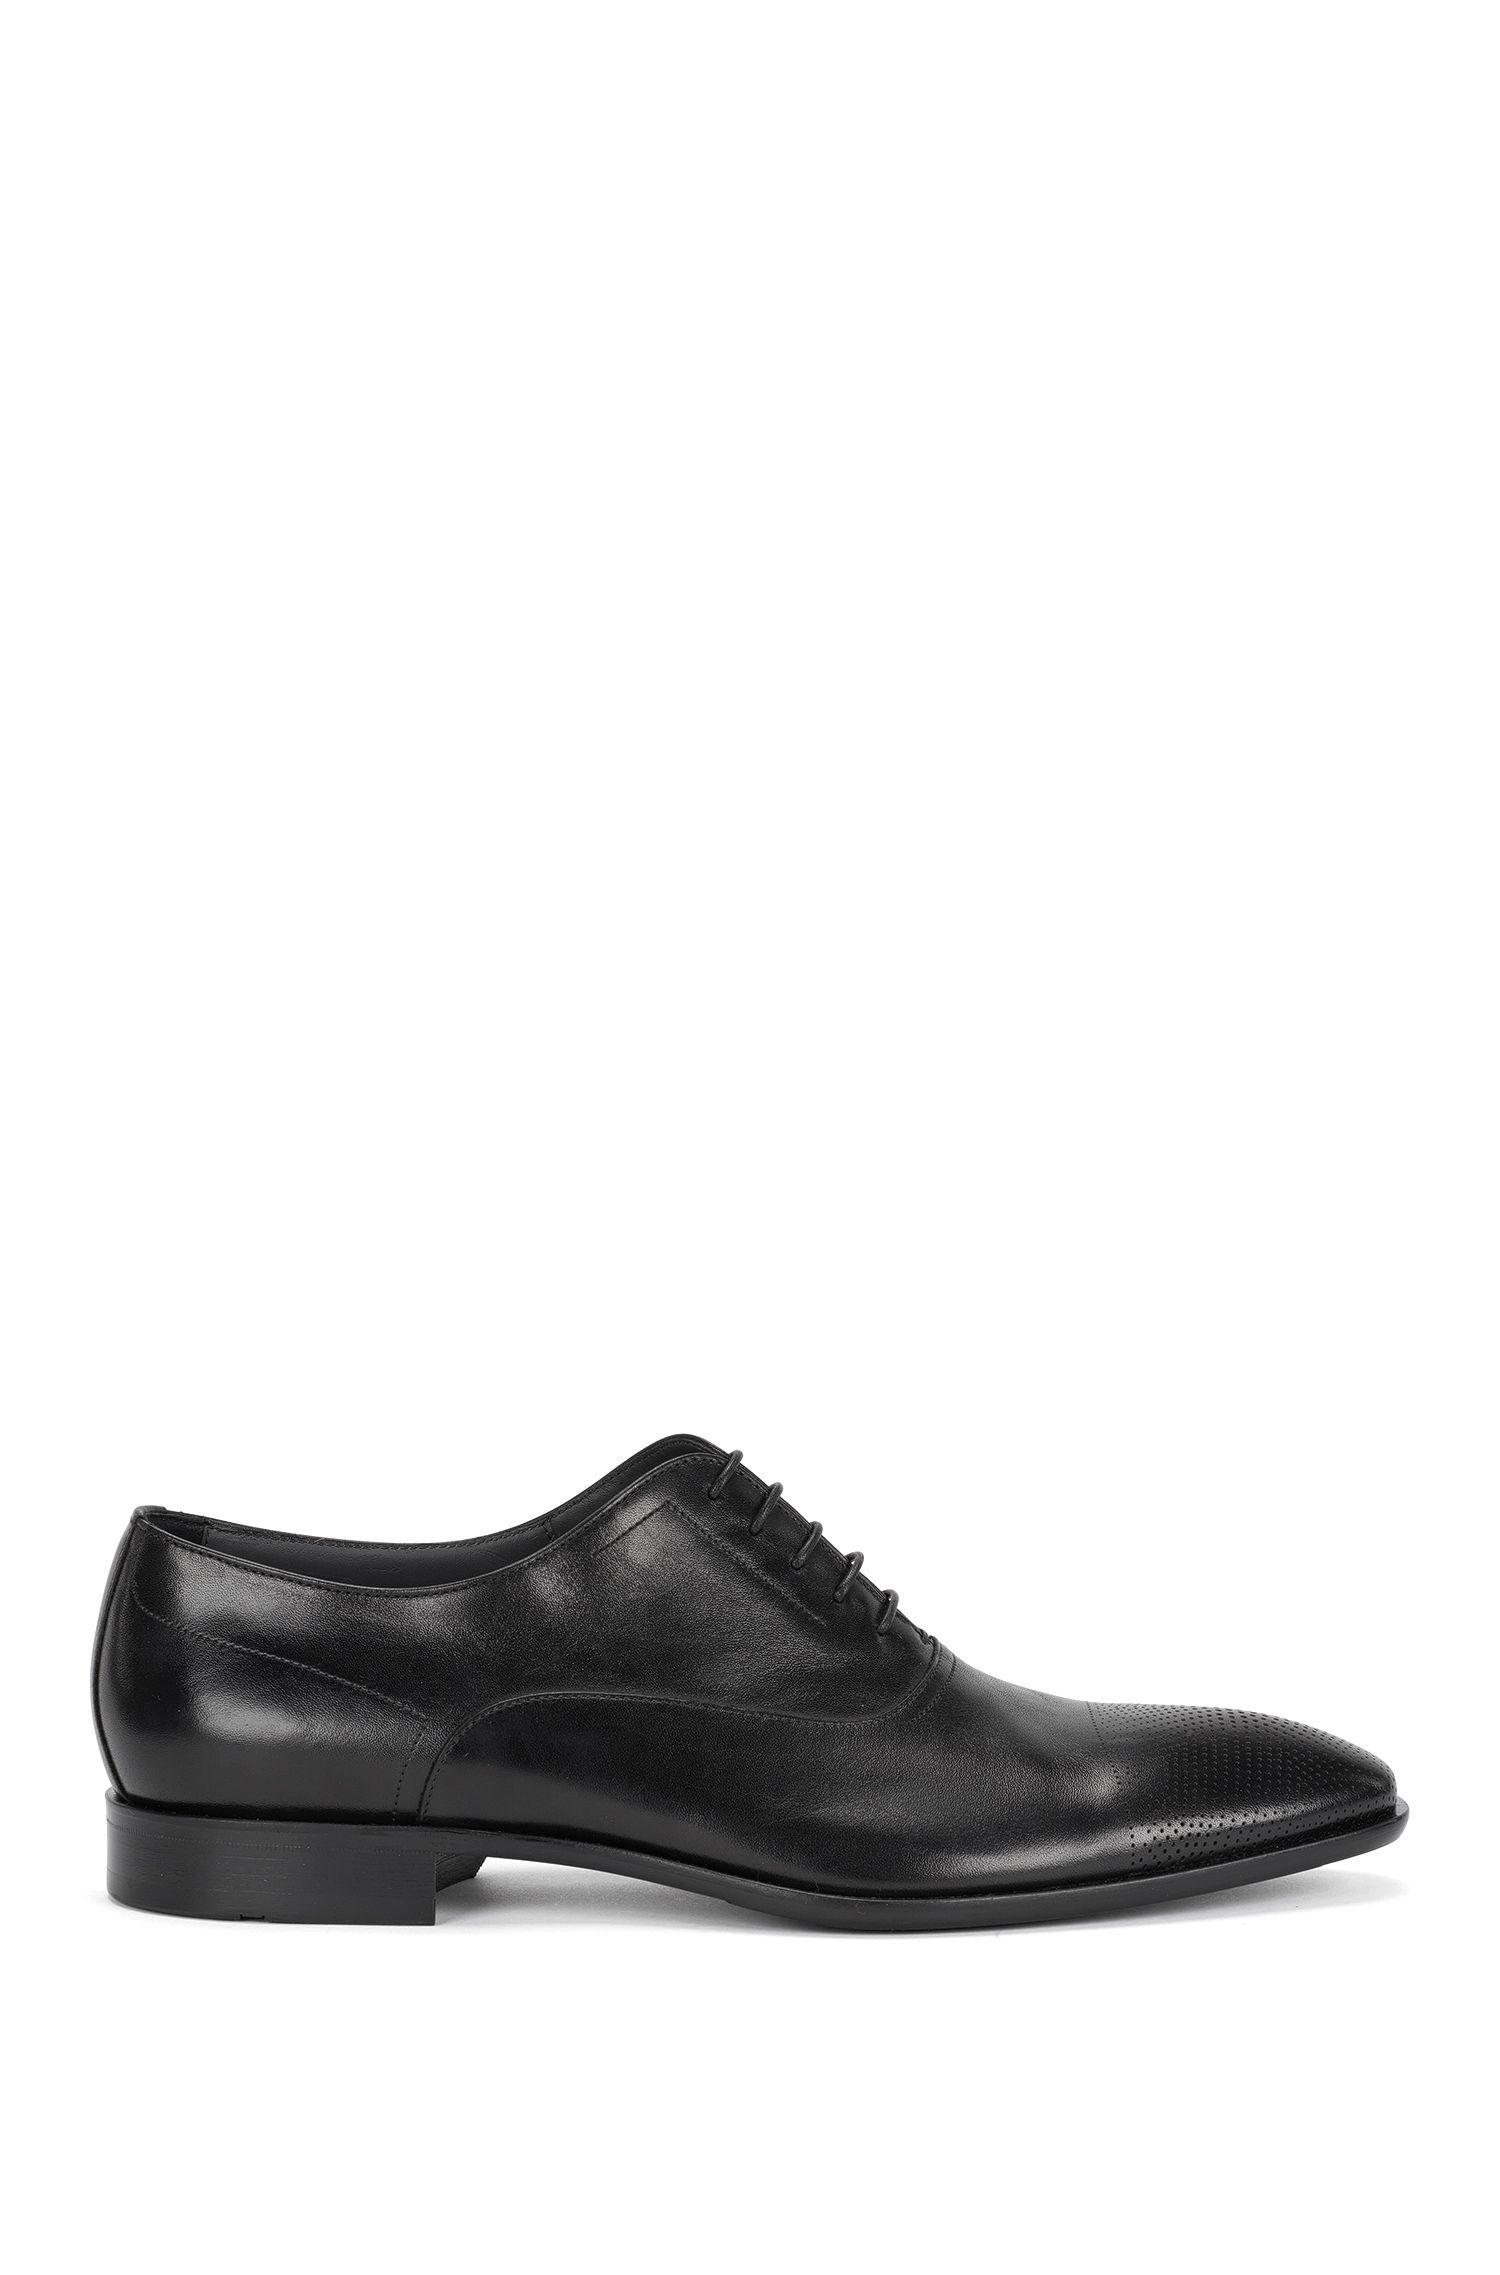 Zapatos con cordones en piel con puntera perforada: 'Chelsea_Oxfr_ltct'